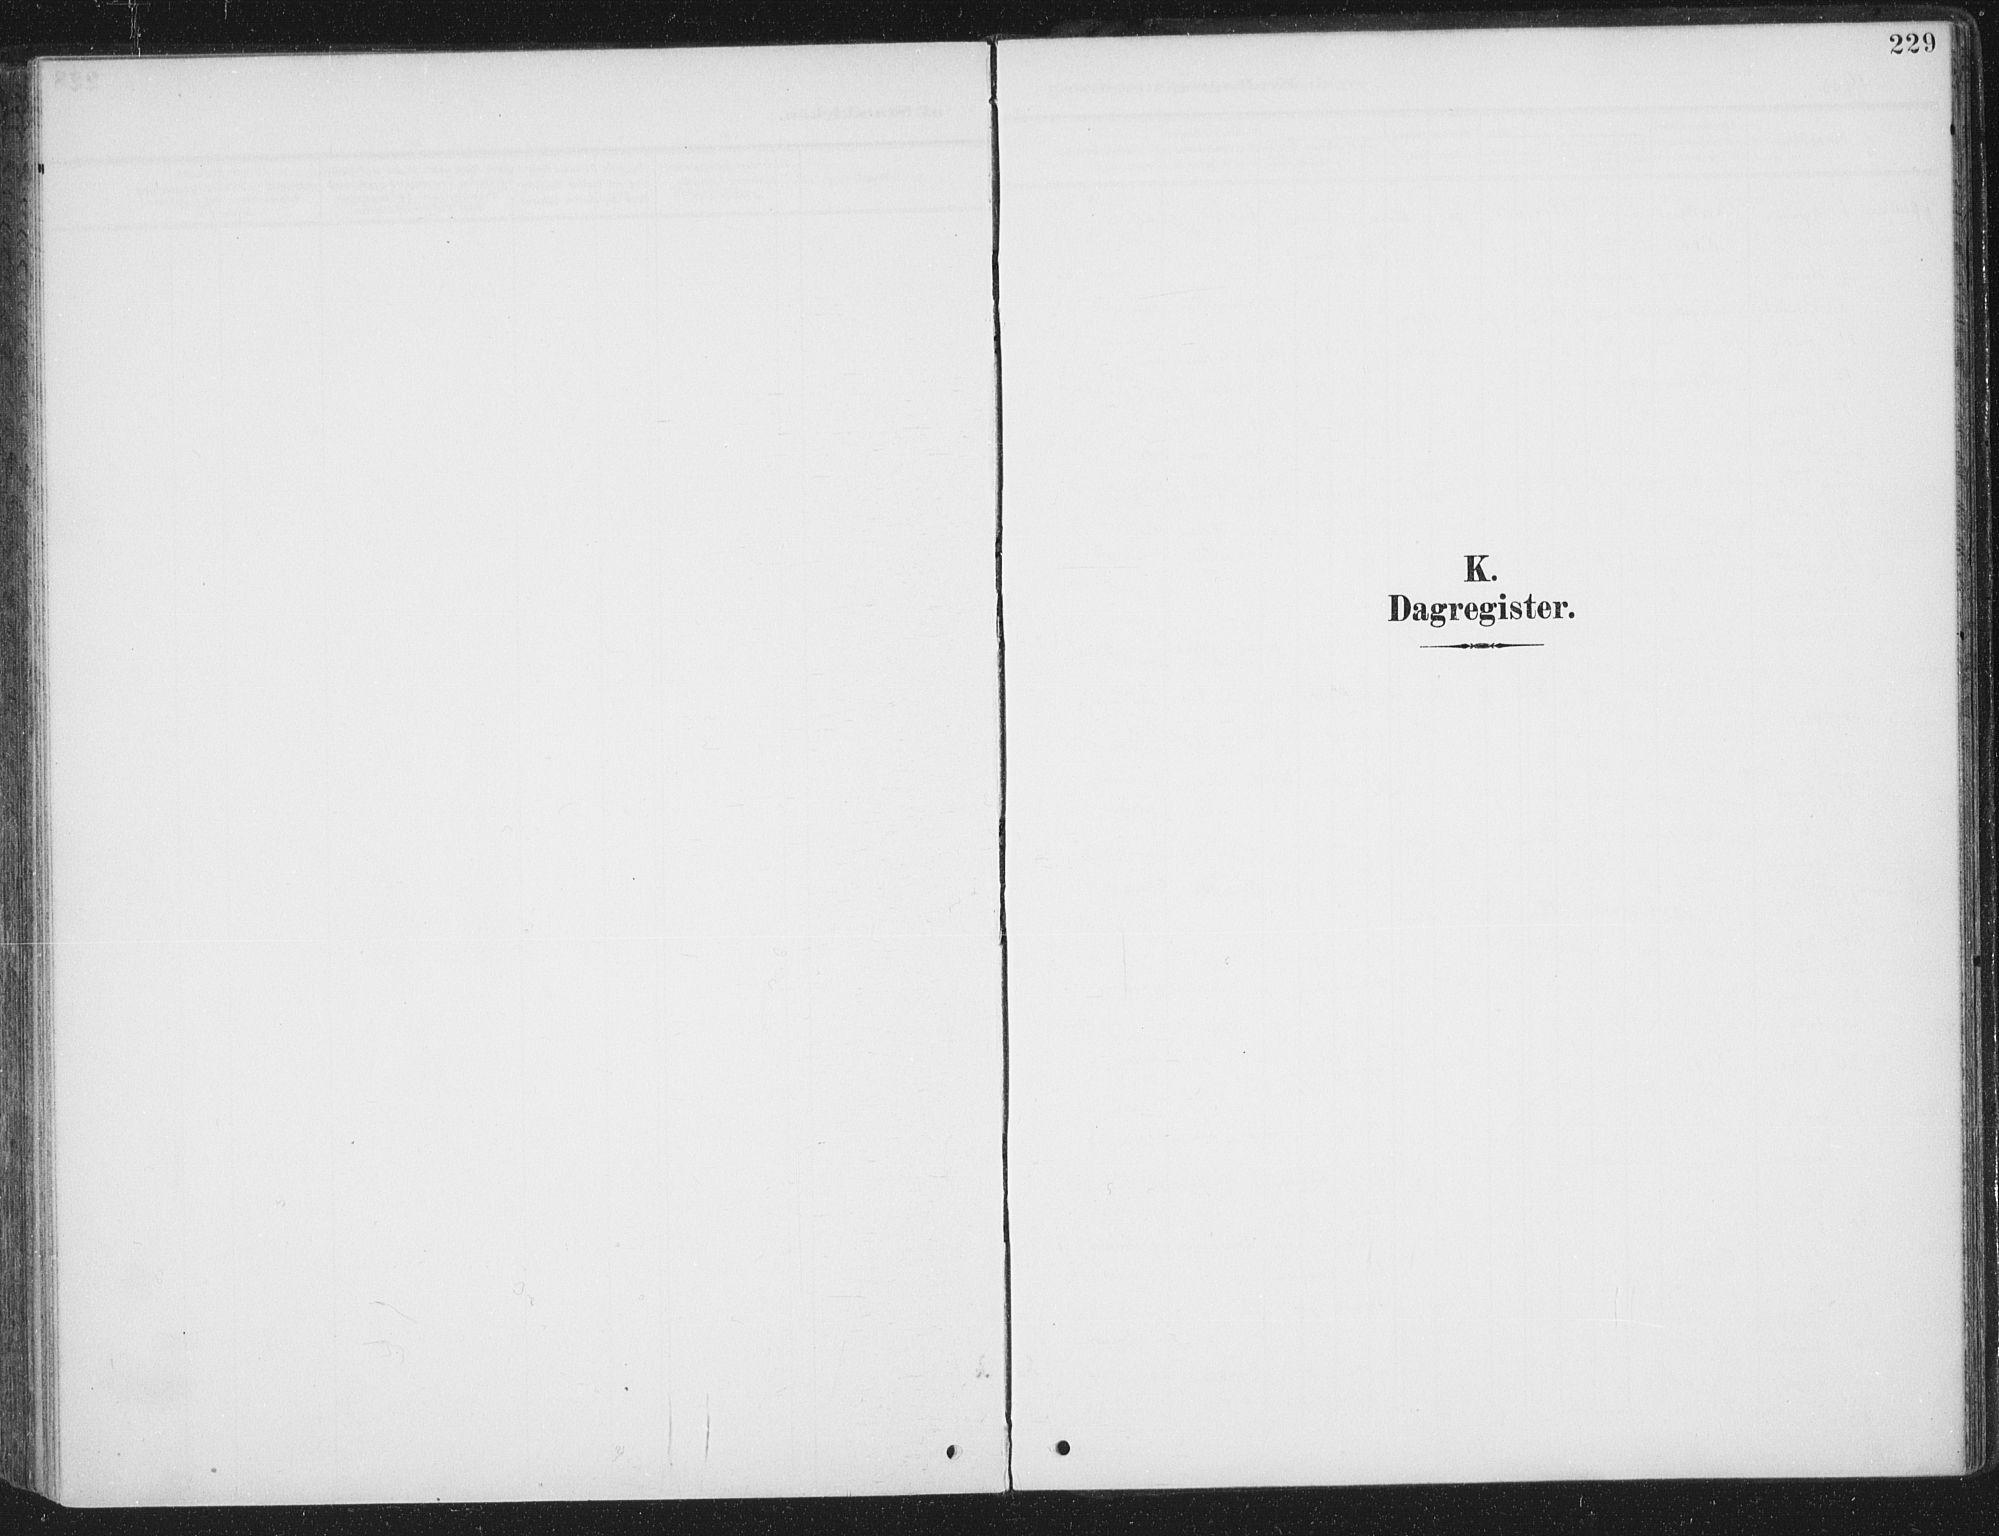 SAT, Ministerialprotokoller, klokkerbøker og fødselsregistre - Sør-Trøndelag, 657/L0709: Ministerialbok nr. 657A10, 1905-1919, s. 229